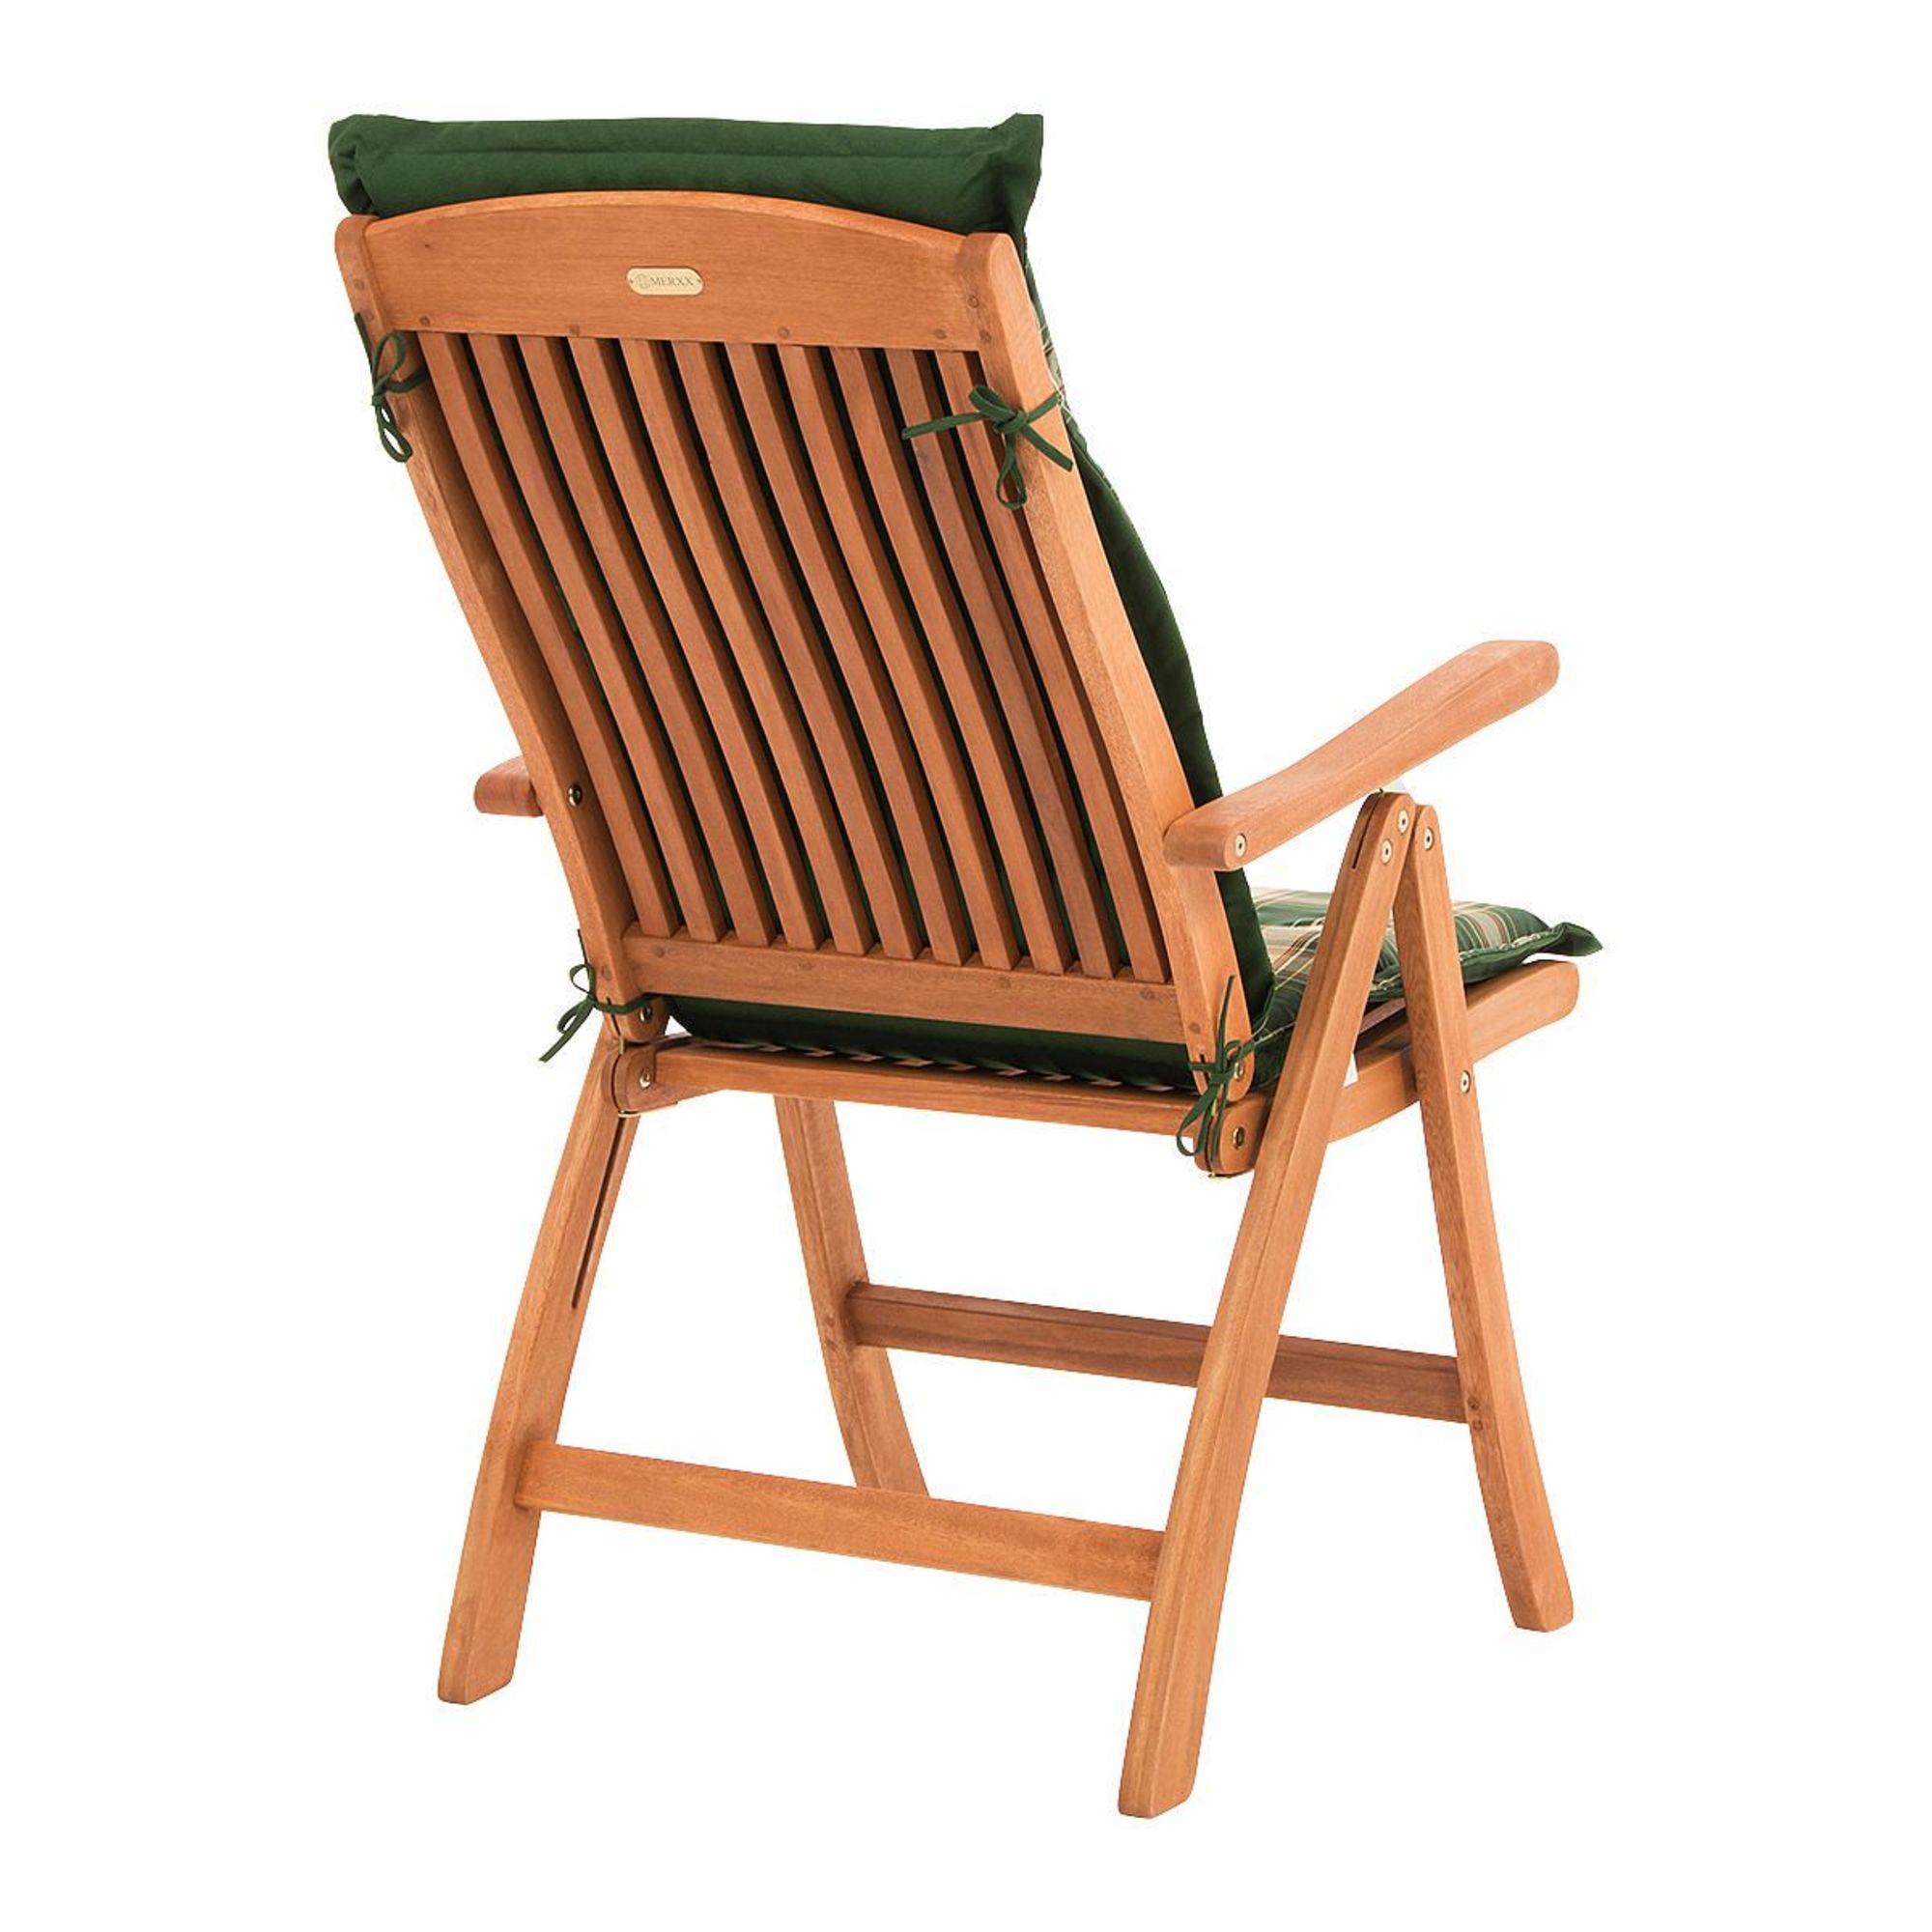 Gartenstühle holz klappbar  Gartenstuhl mit Auflage Abby, klappbar, inkl. Auflagen, Holz